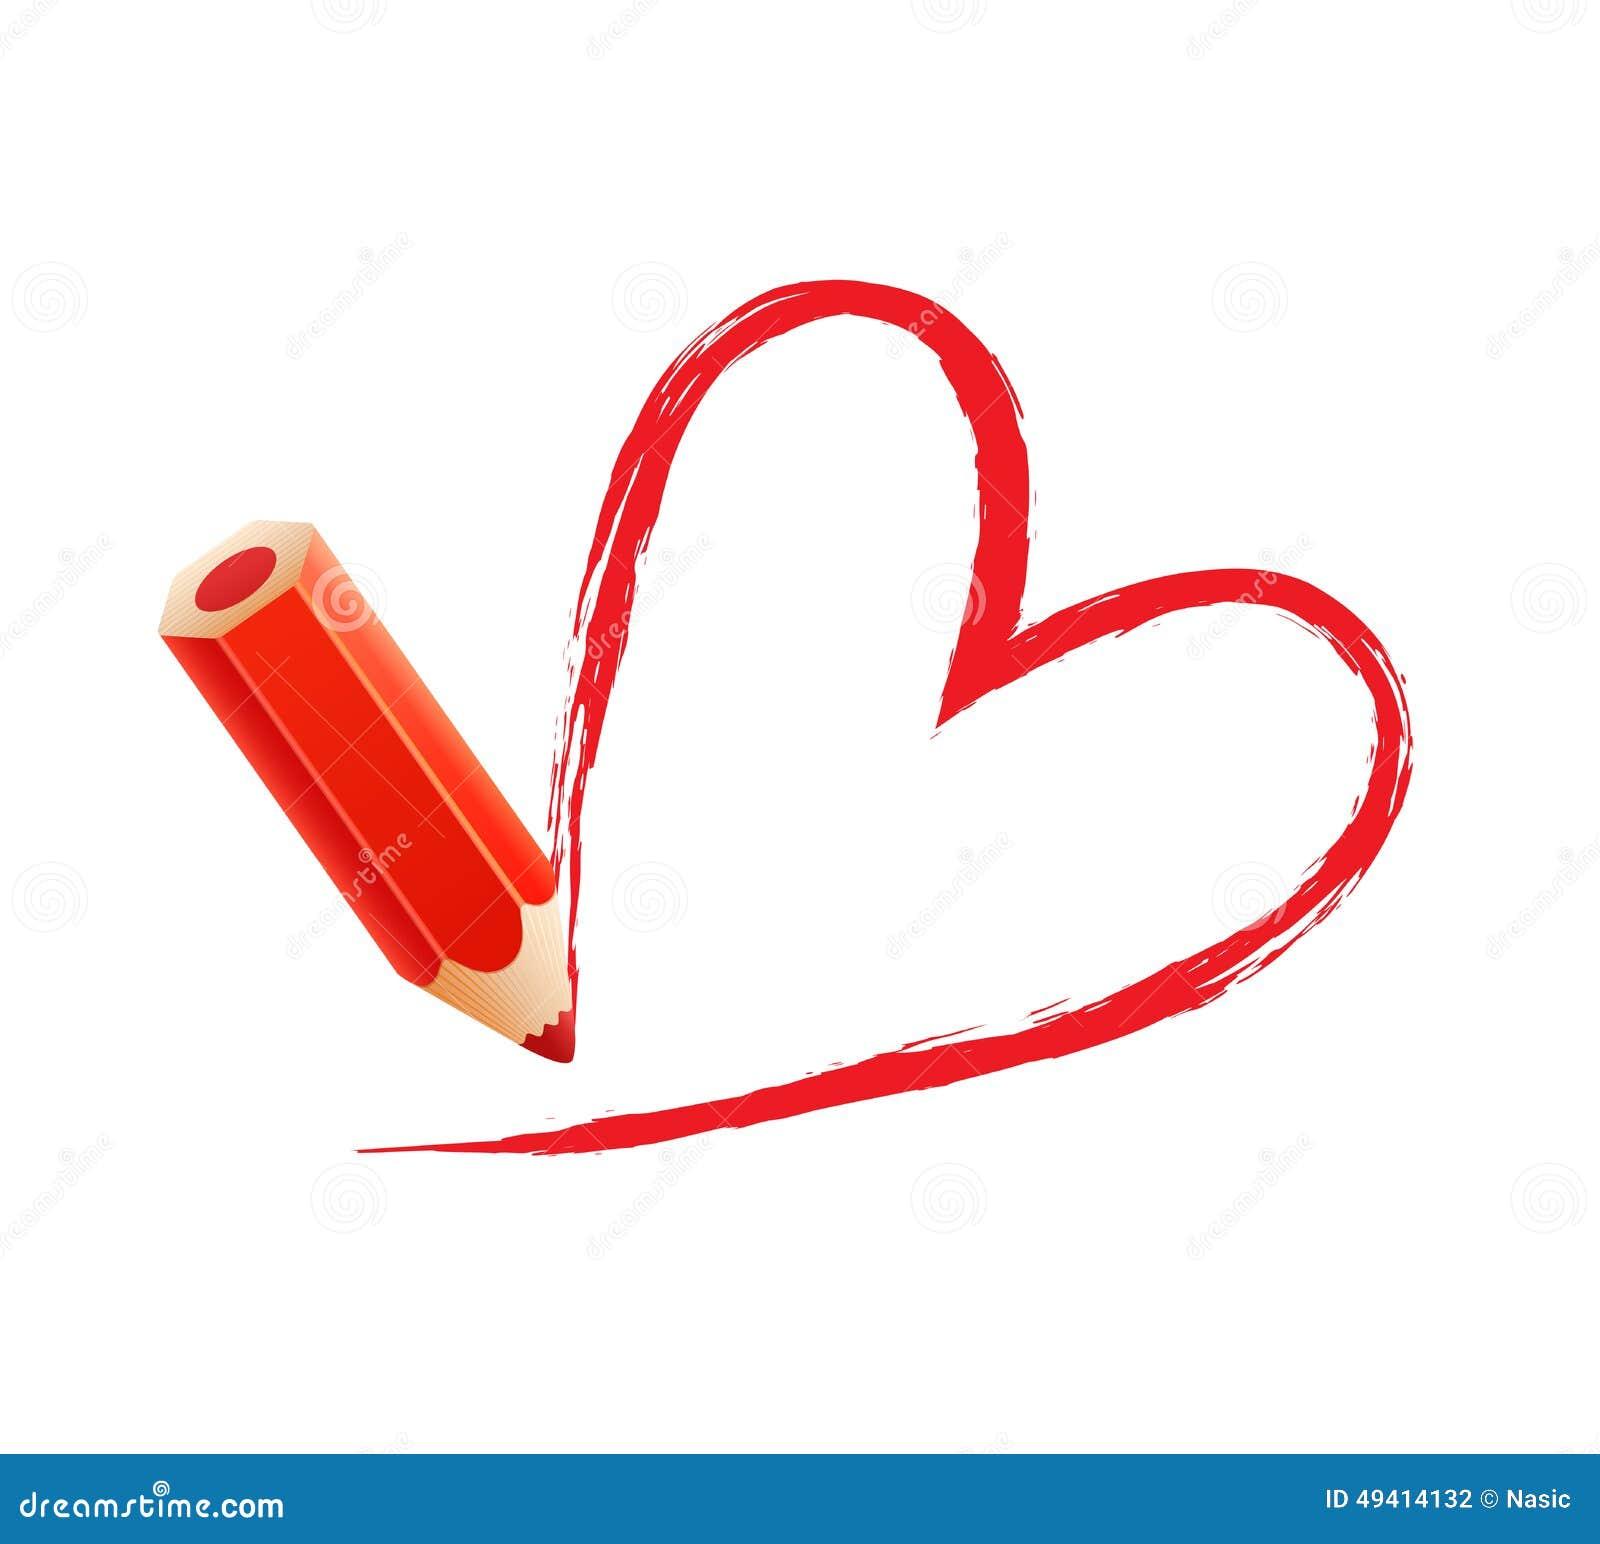 Download Bleistift mit Herzen vektor abbildung. Illustration von farbe - 49414132